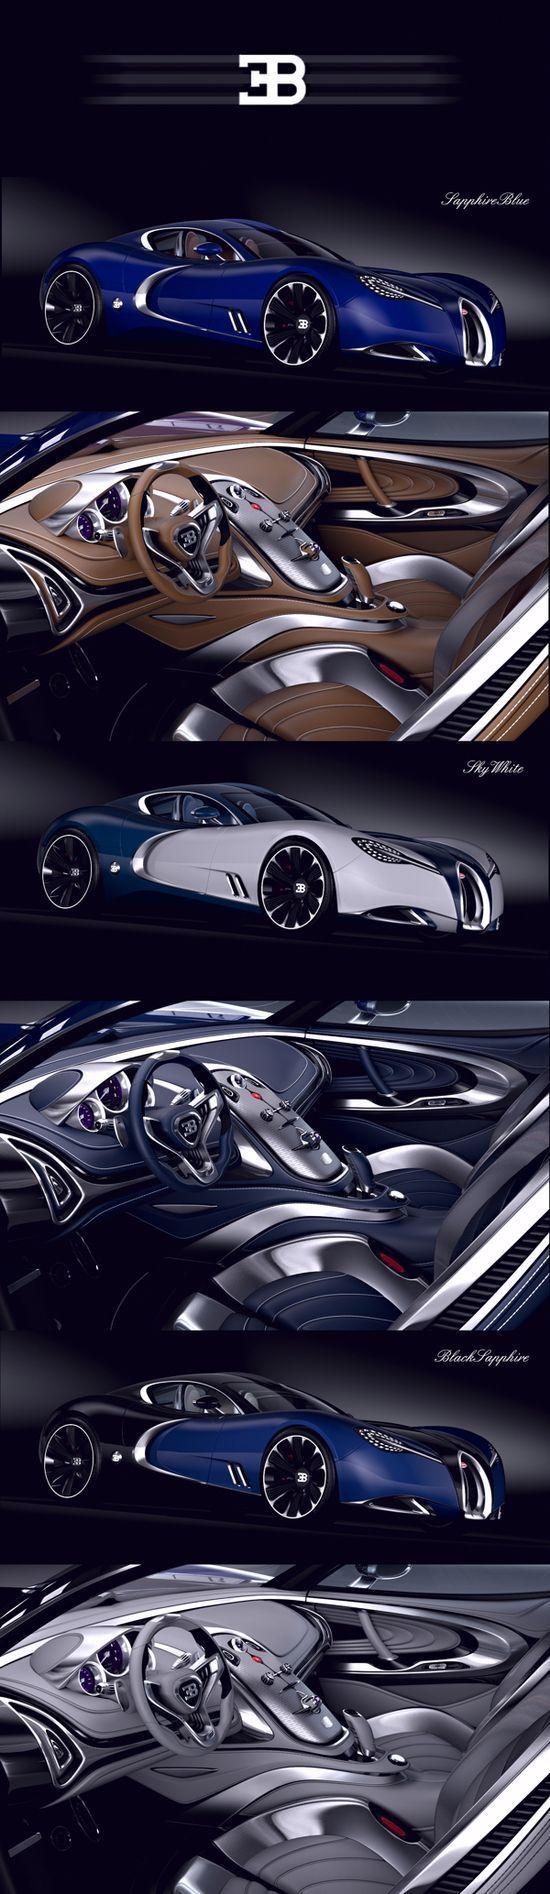 Bugatti #ferrari vs lamborghini #sport cars| http://sport-car-collections-200.kira.lemoncoin.org